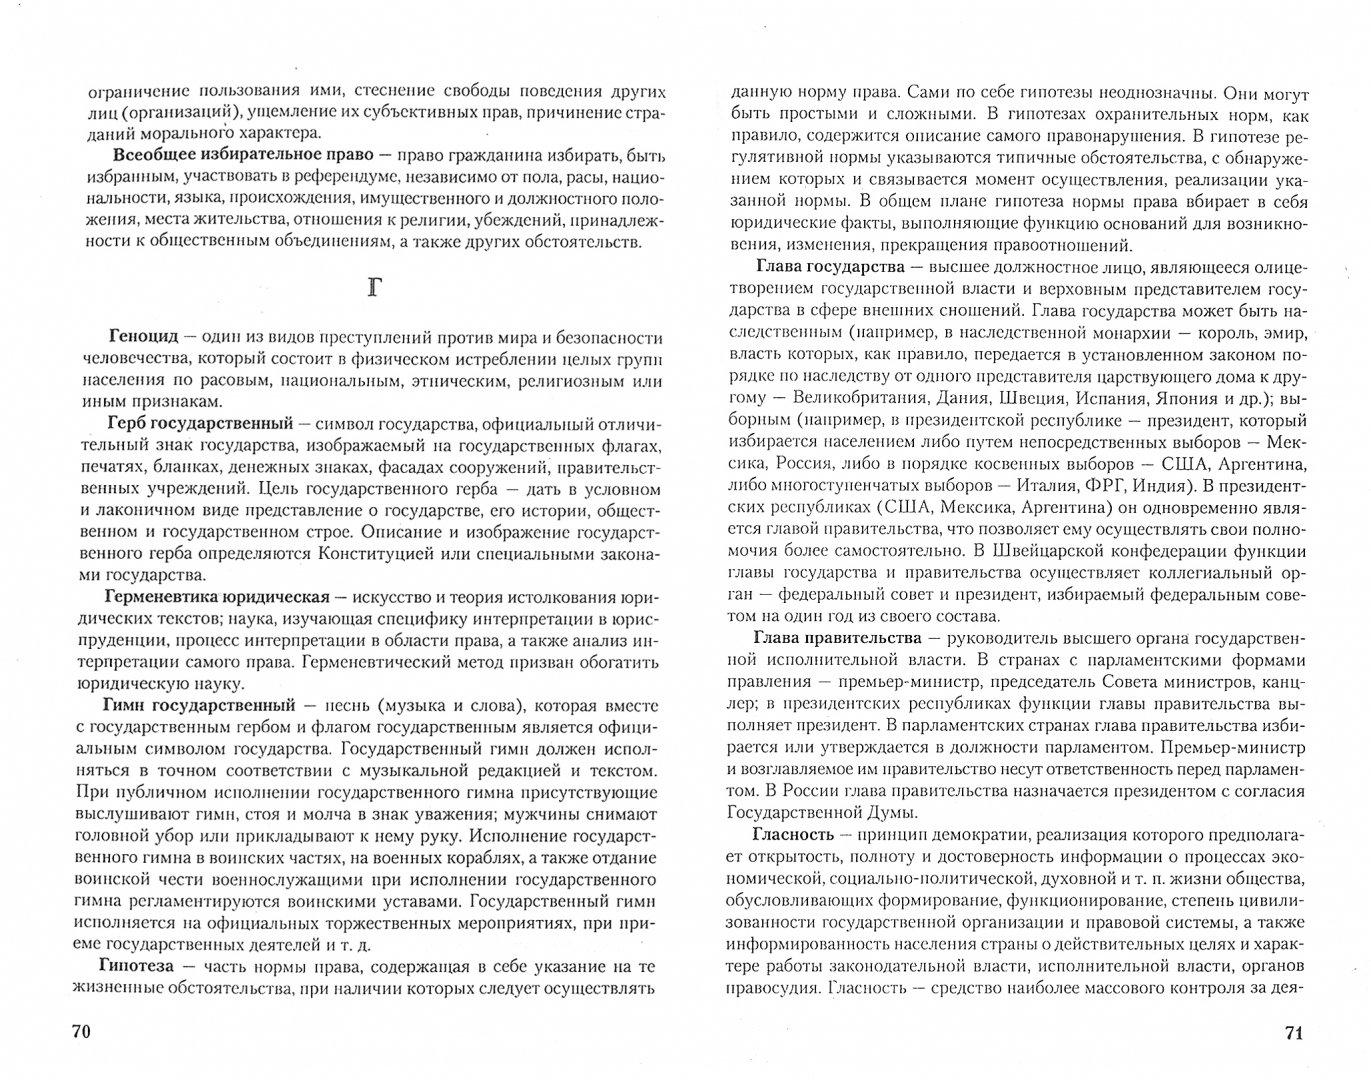 Иллюстрация 1 из 12 для Теория государства и права в схемах и определениях. Учебное пособие - Тимофей Радько   Лабиринт - книги. Источник: Лабиринт